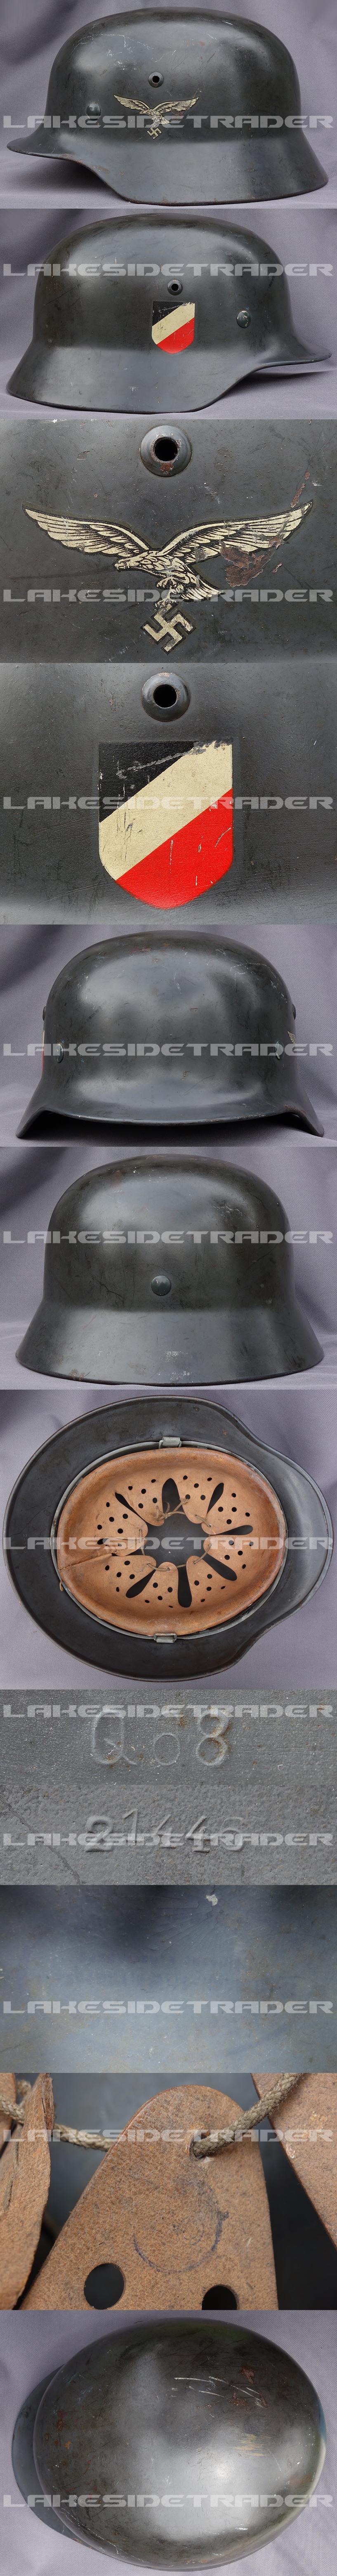 M35 DD Luftwaffe Helmet by Q68